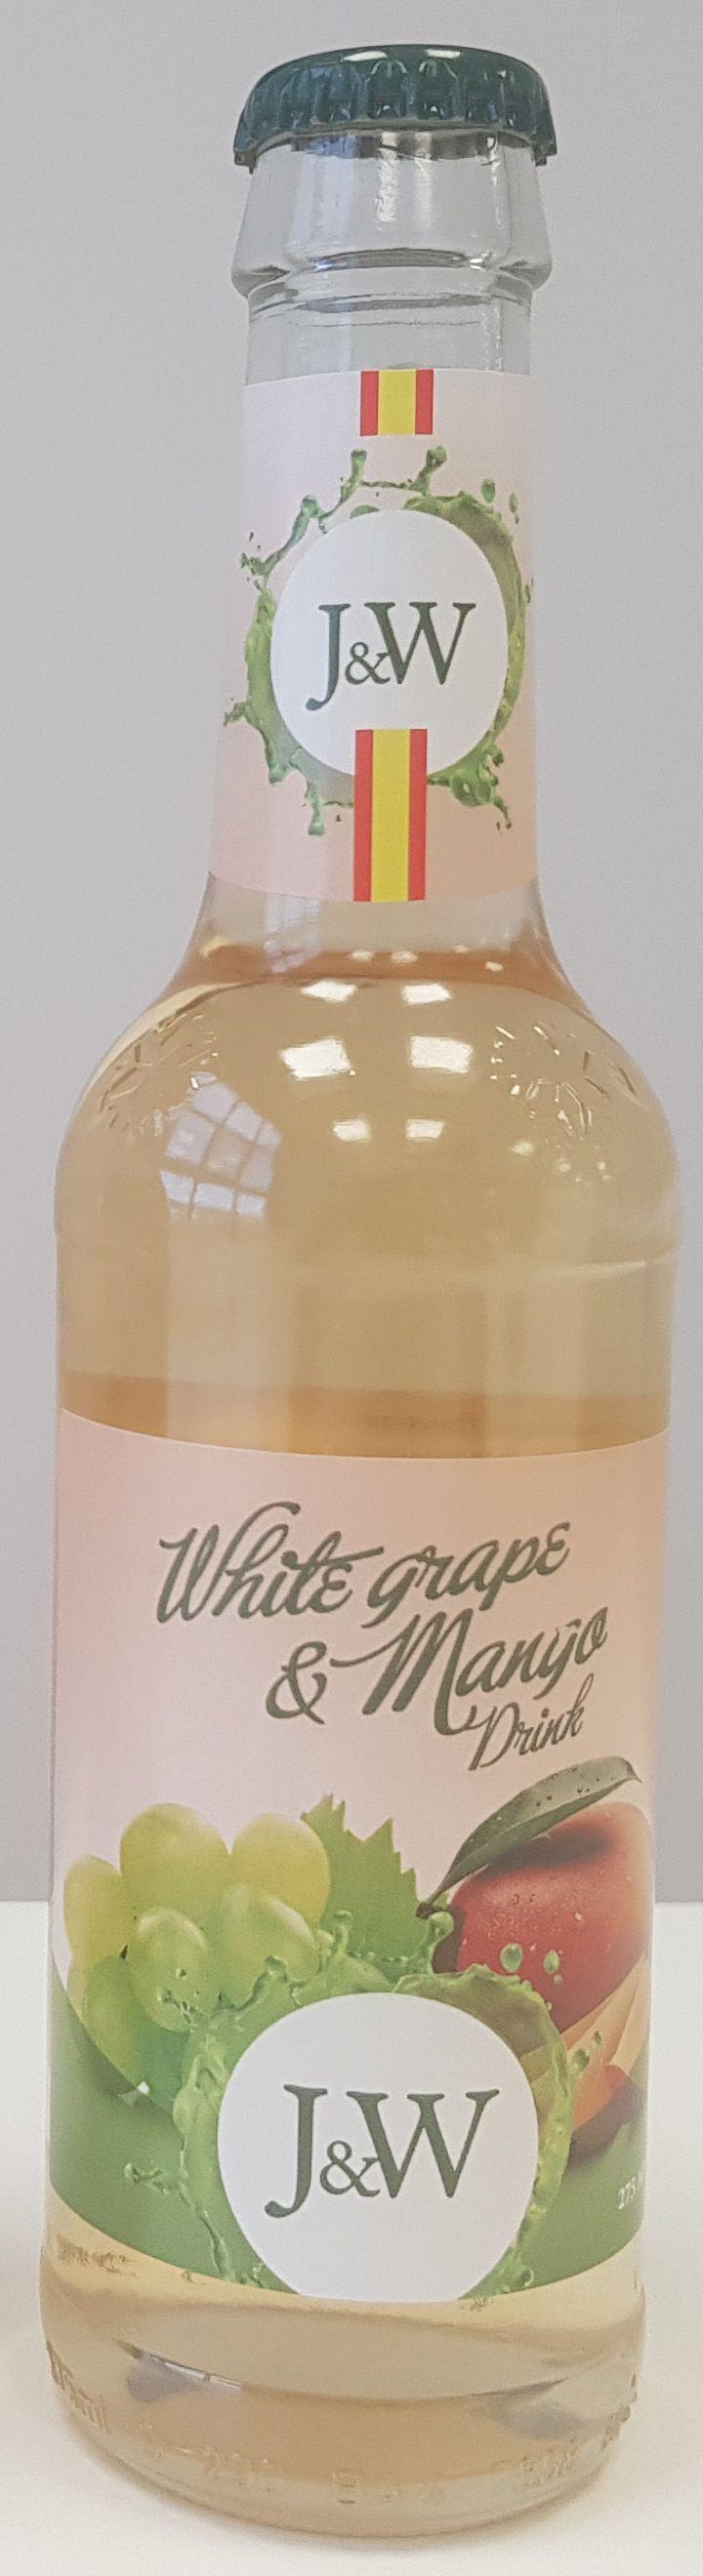 J&W Сок белого винограда со вкусом Манго газированный, 0,275 л